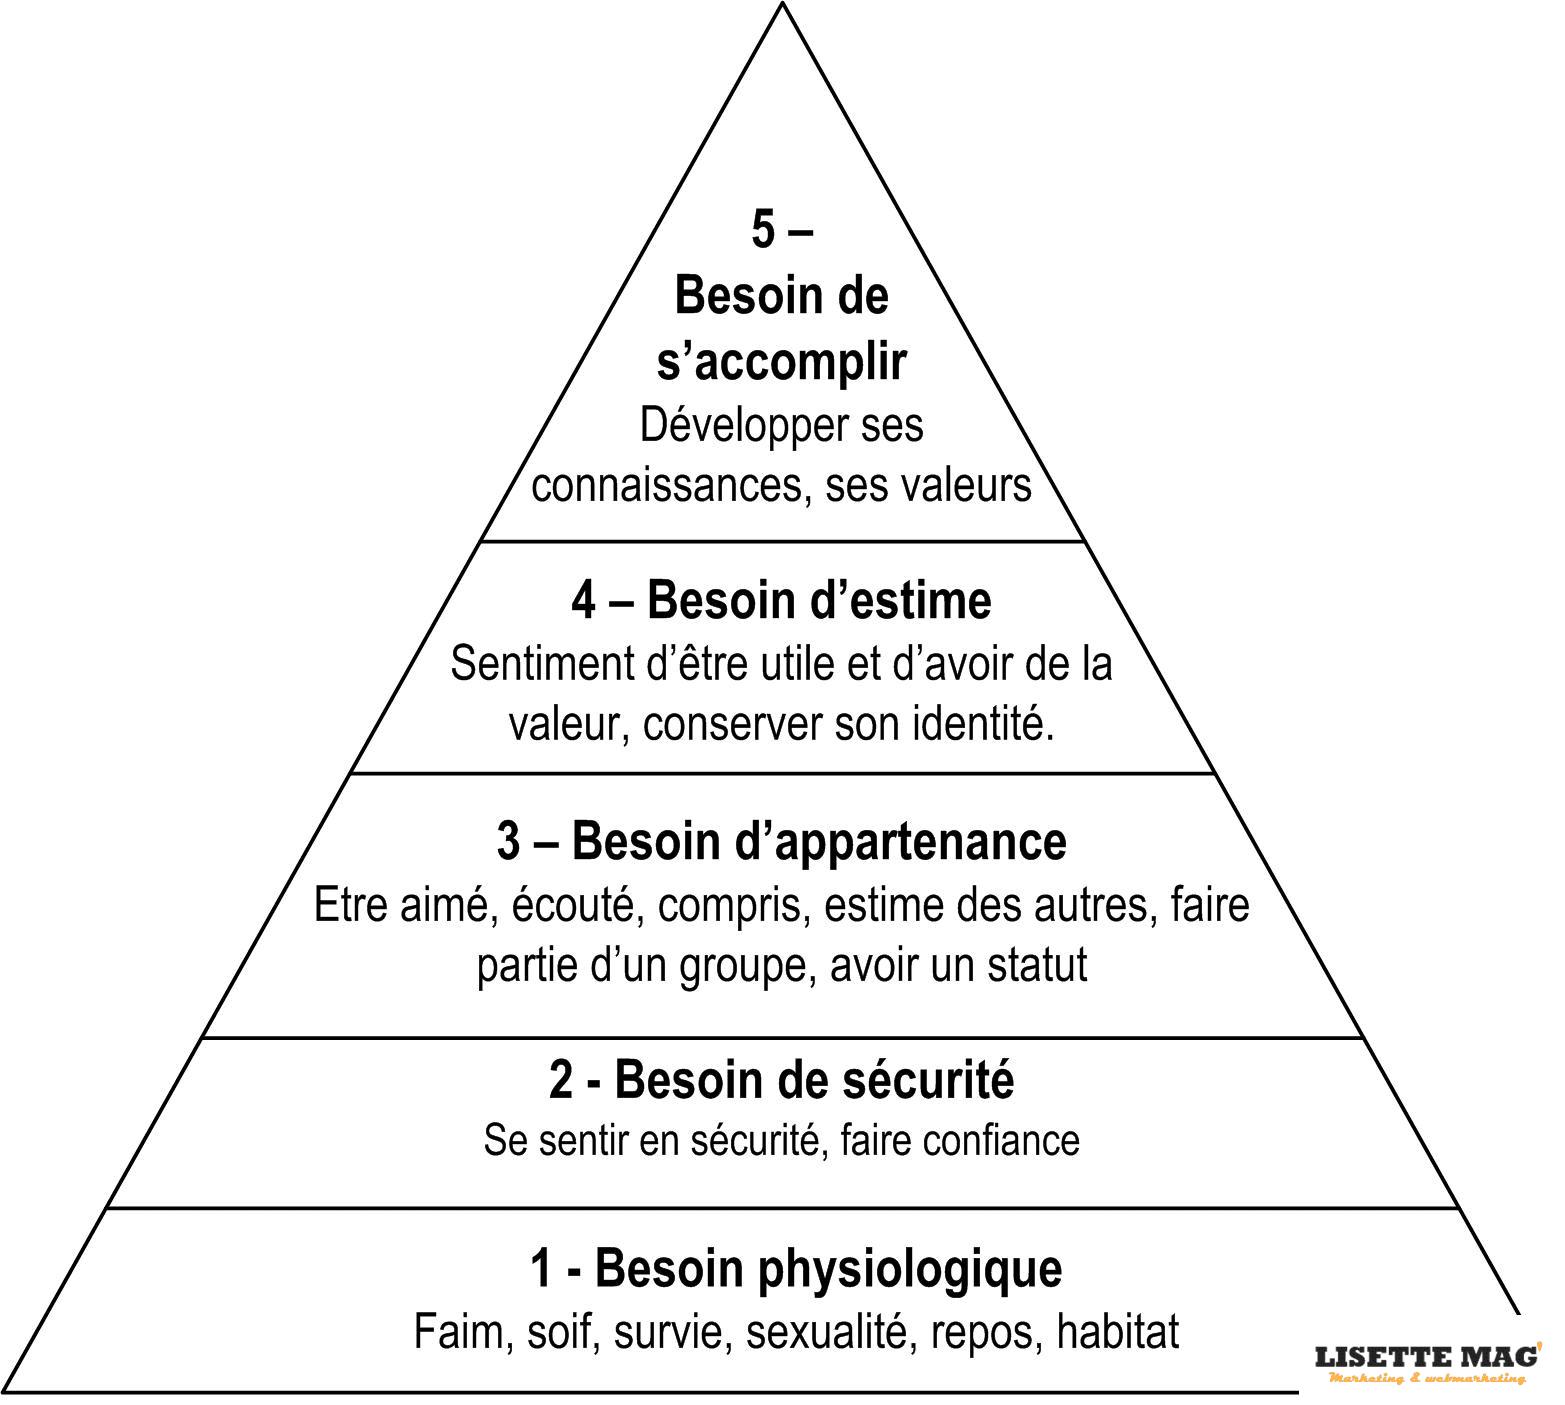 La pyramide de Maslow : la grande réponse à nos comportements